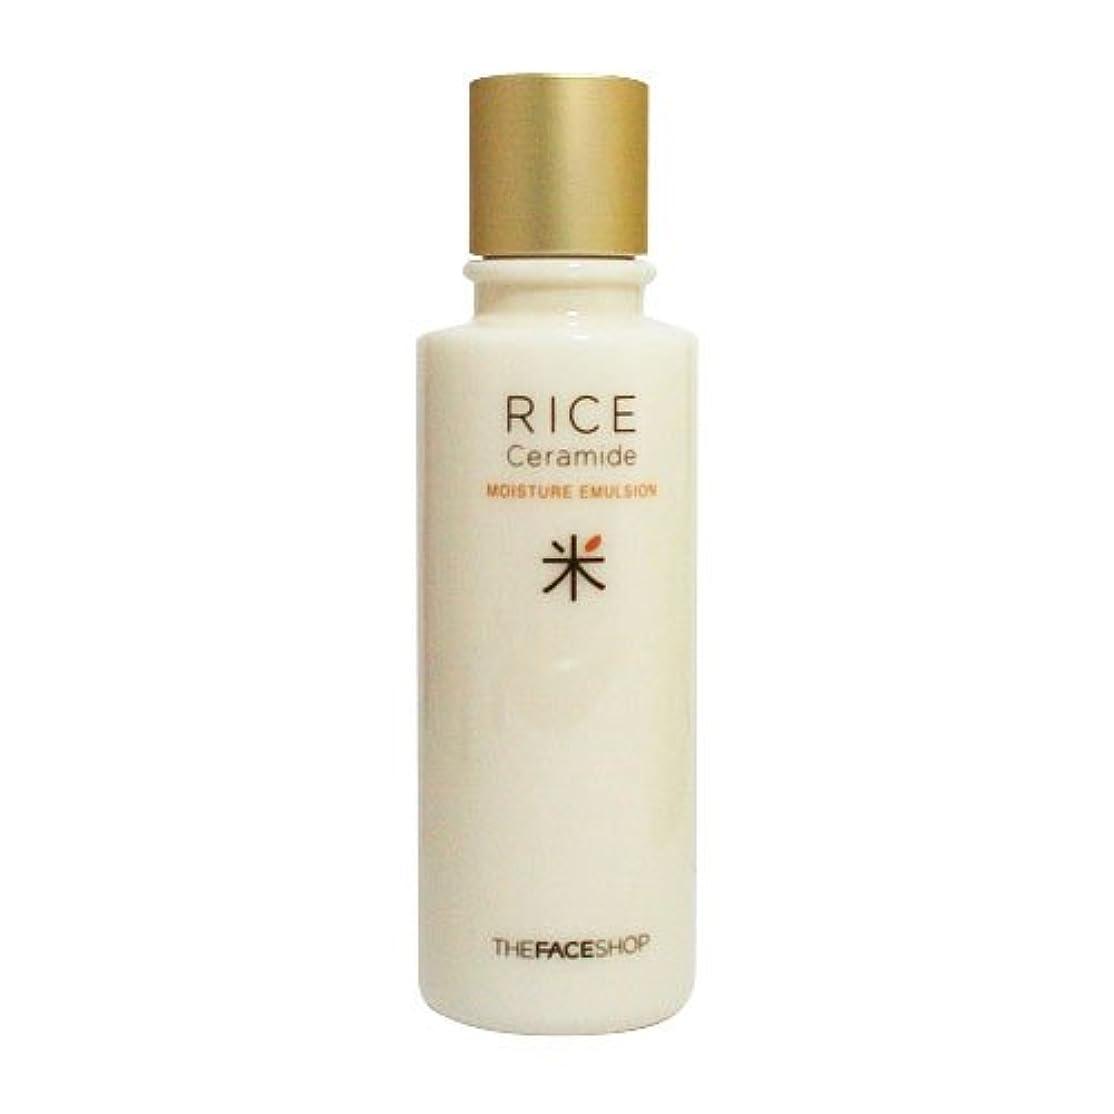 効能ある王朝宣言[ザ?フェイスショップ] The Face Shop ライス&セラミド モイスチャーエマルジョン Rice & Ceramide Moisture Emulsion [並行輸入品]